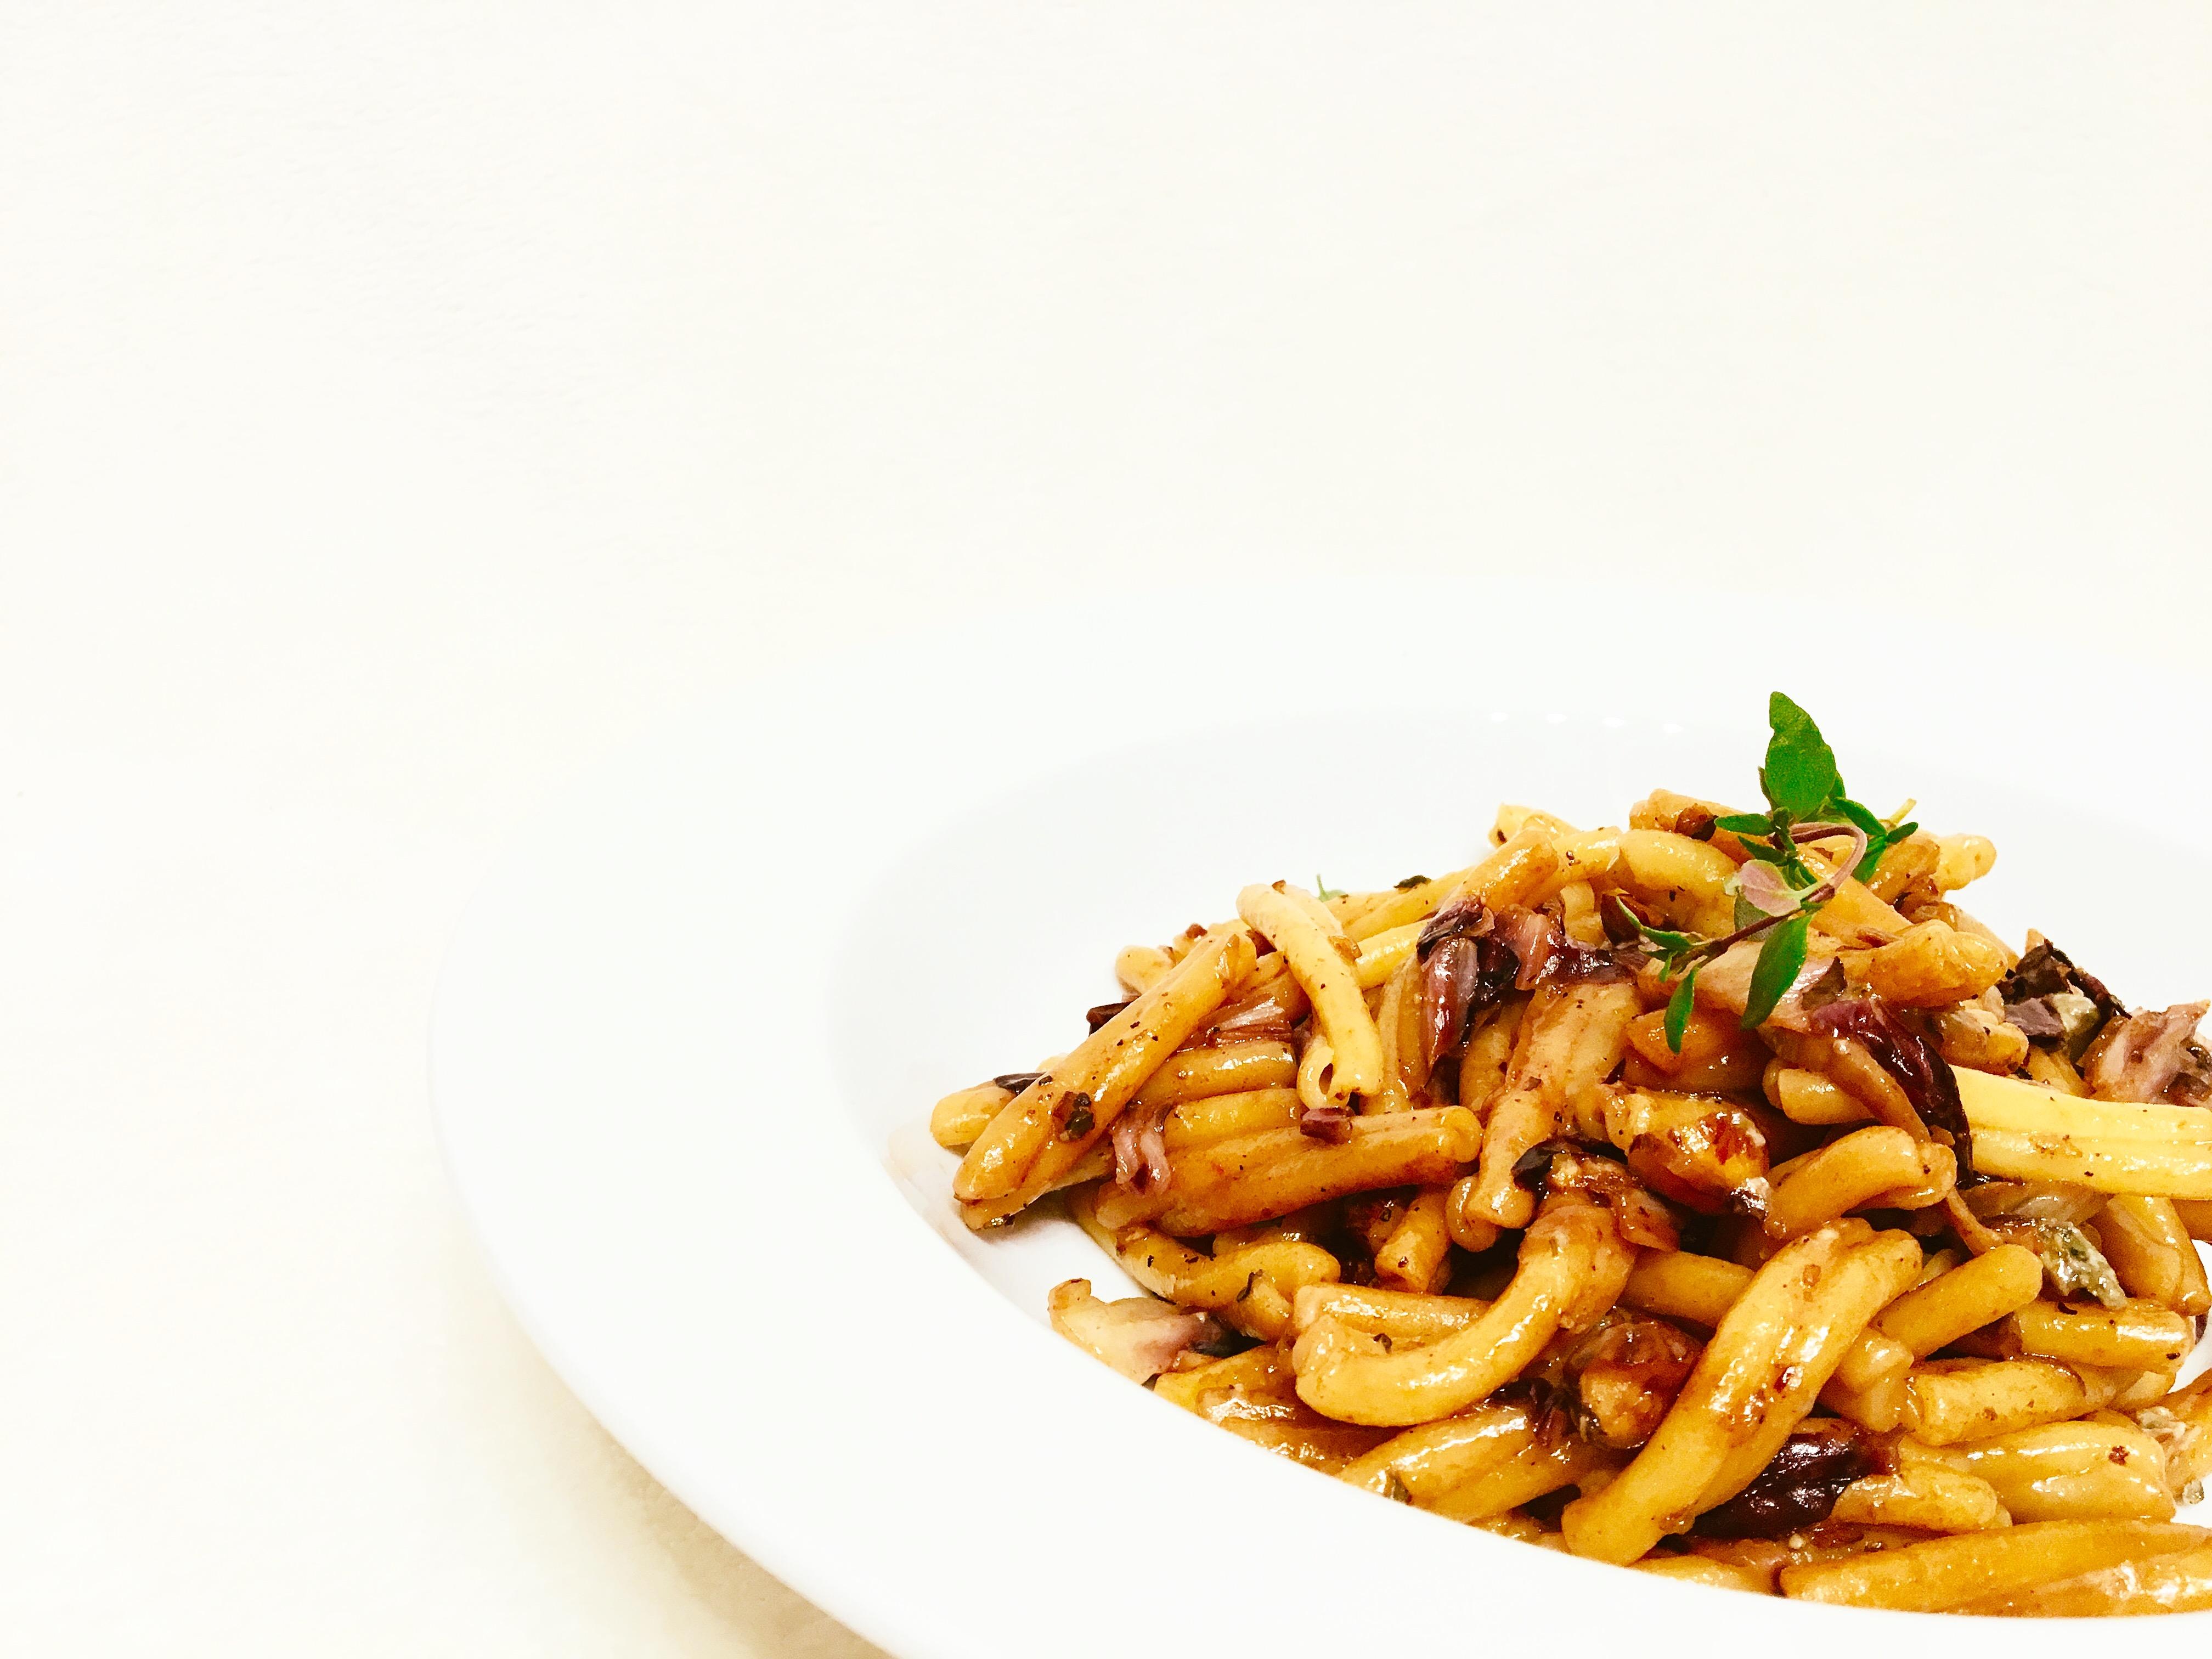 Pasta mit Radicchio, Haselnüssen und Blauschimmelkäse auf dem Teller angerichtet